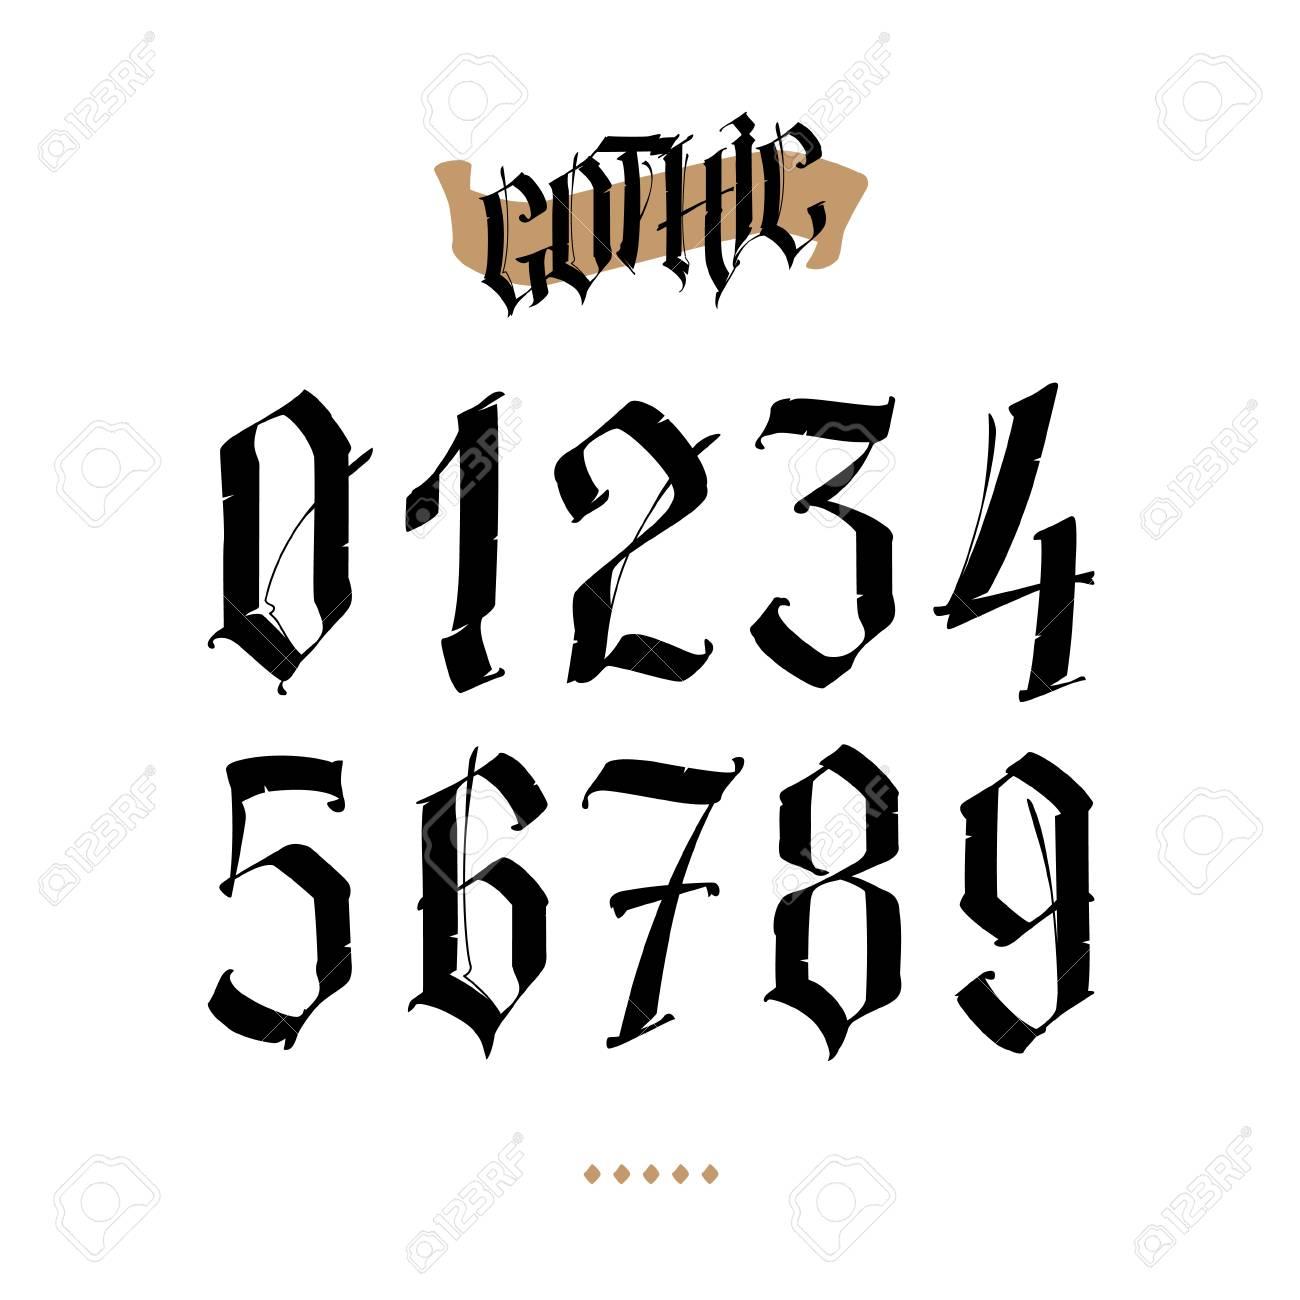 Los Números Están En El Estilo Gótico Símbolos Aislados Sobre Fondo